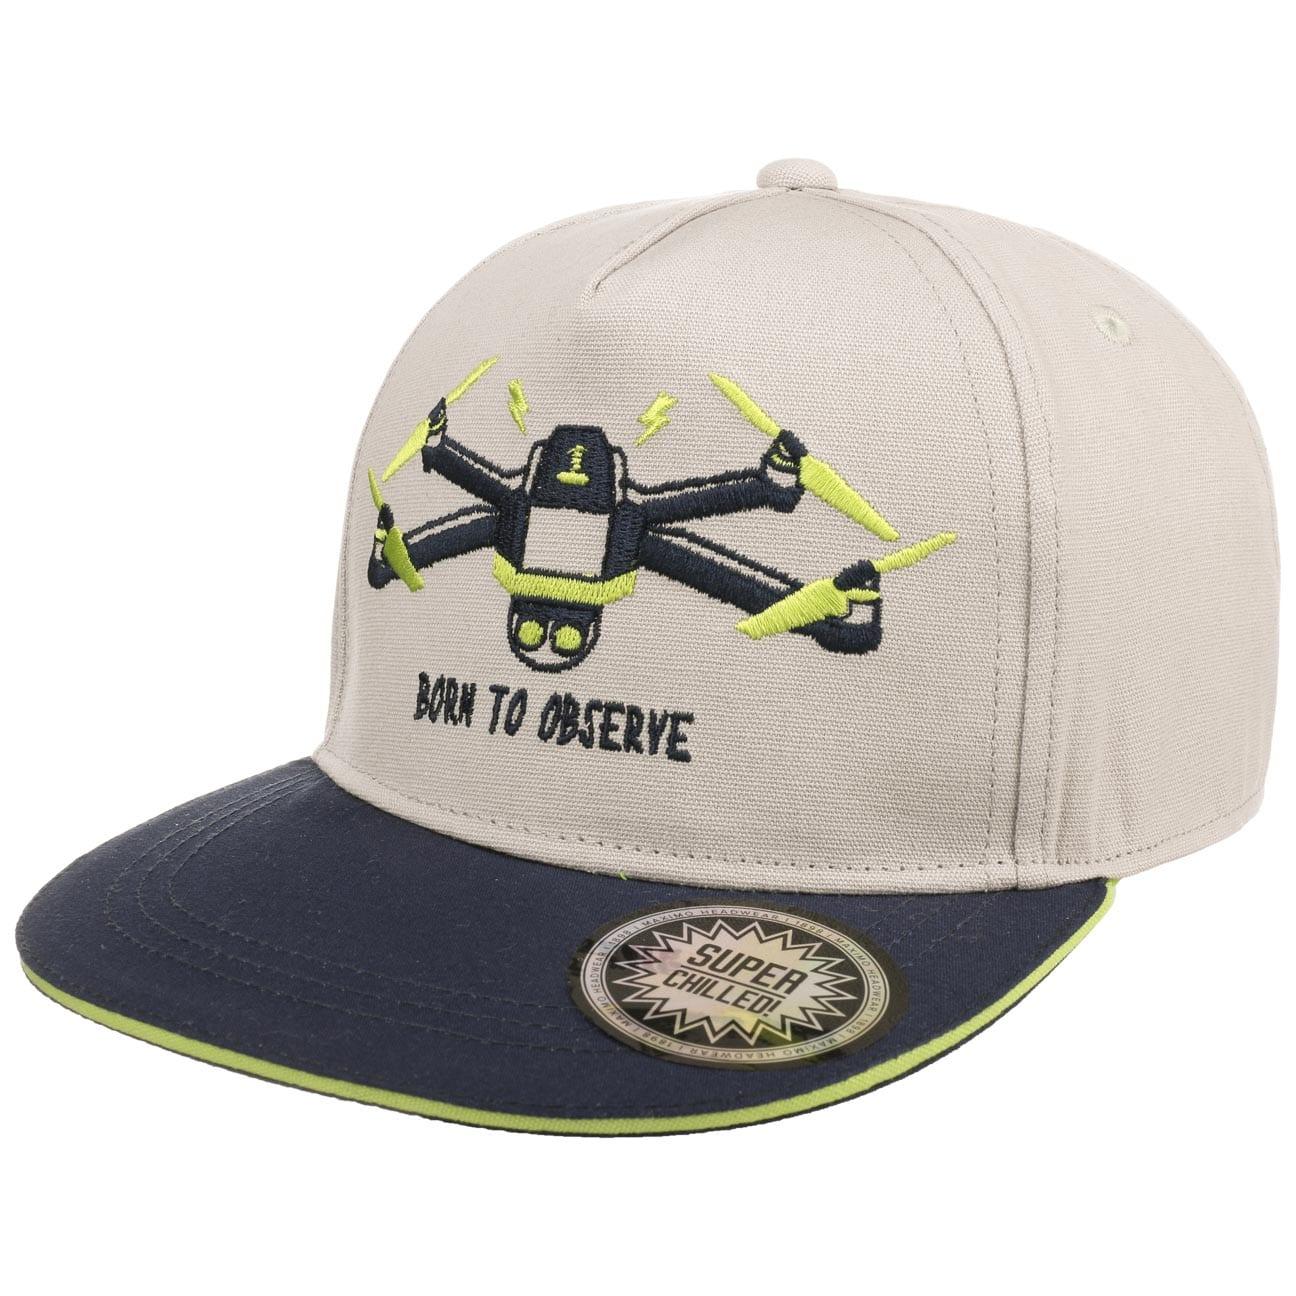 copter-kindercap-by-maximo-baseballcap